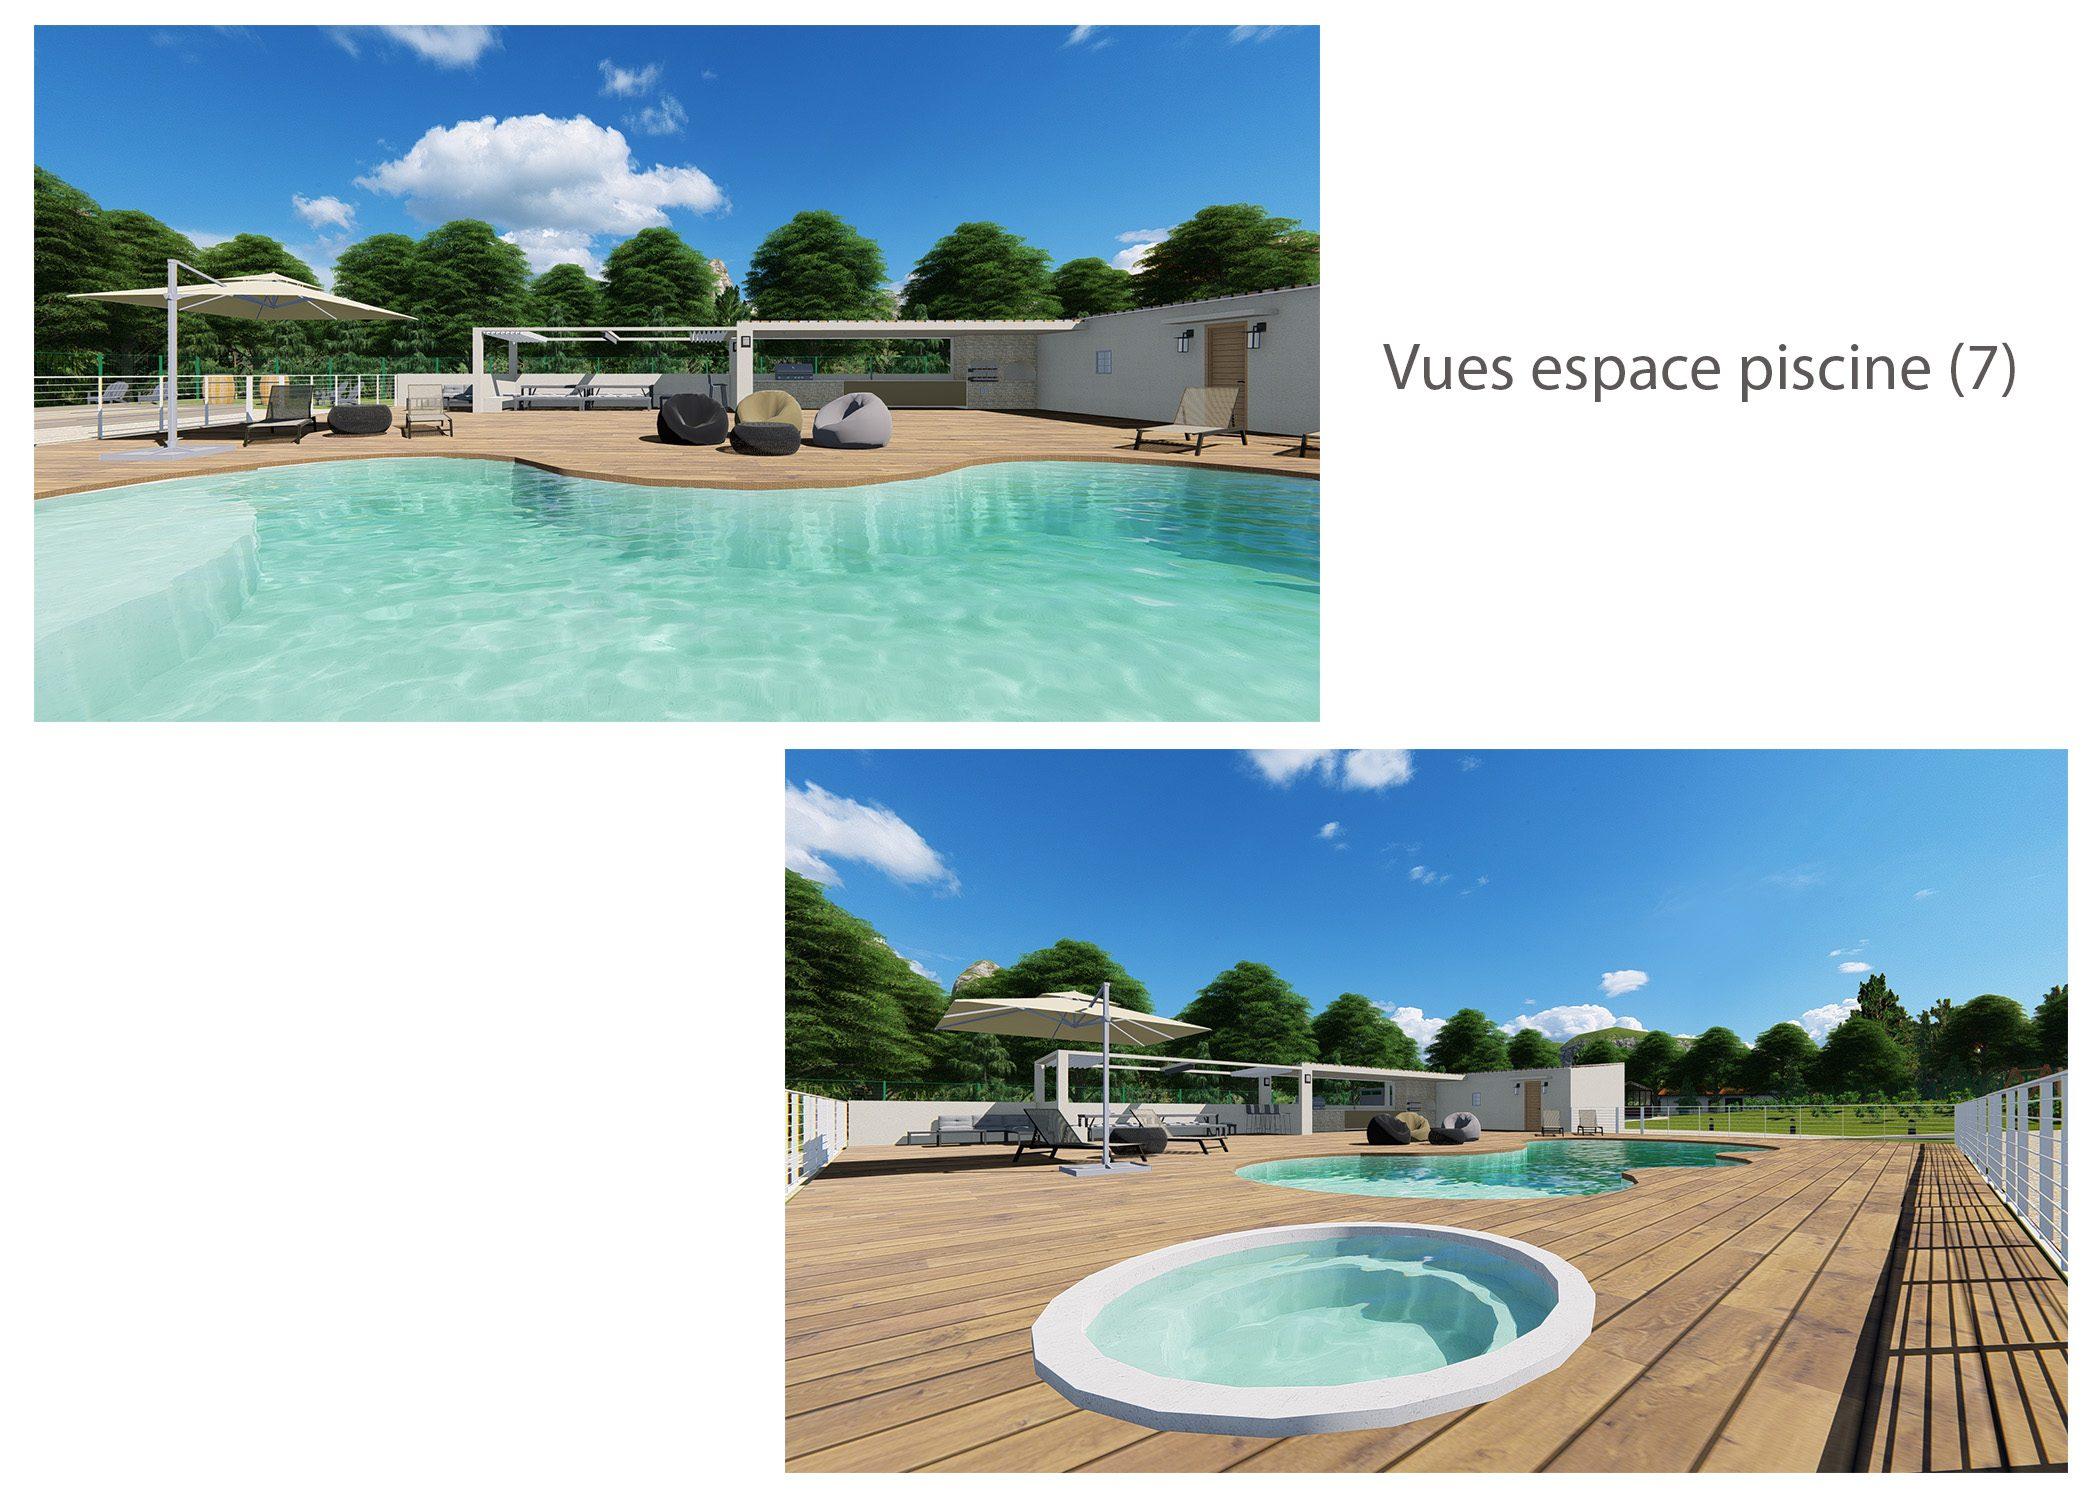 agencement terrain fuveau-espace exterieur-vues espace piscine 1-dekho design